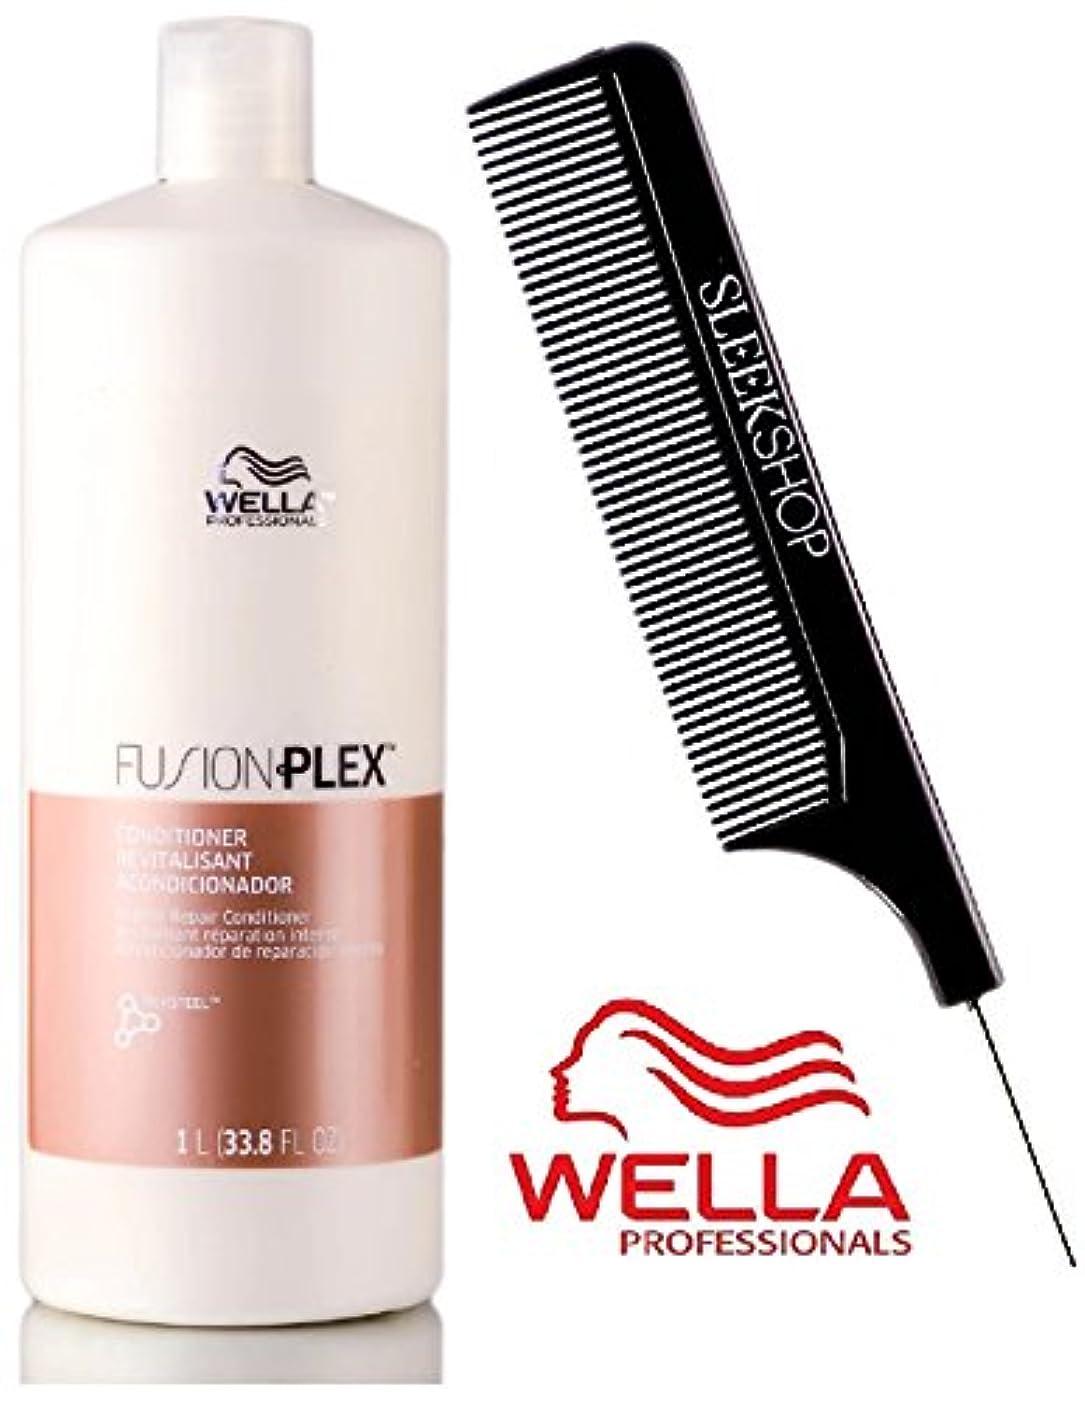 心理学オーク方言Wella FUSION PLEX Intense Repair Conditioner (with Sleek Steel Pin Tail Comb) (33.8 oz/1000 ml - LITER) 141[並行輸入]